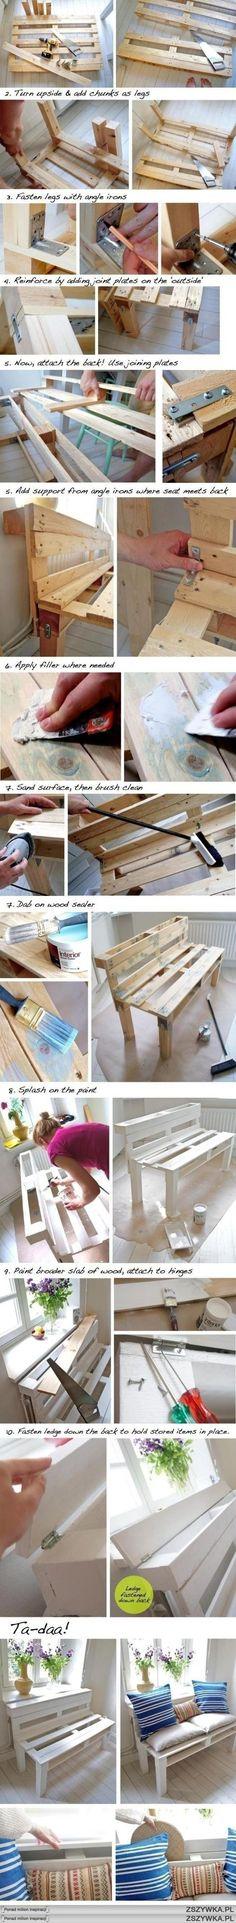 Jak z palety zrobić ławkę na działkę lub balkon :-):